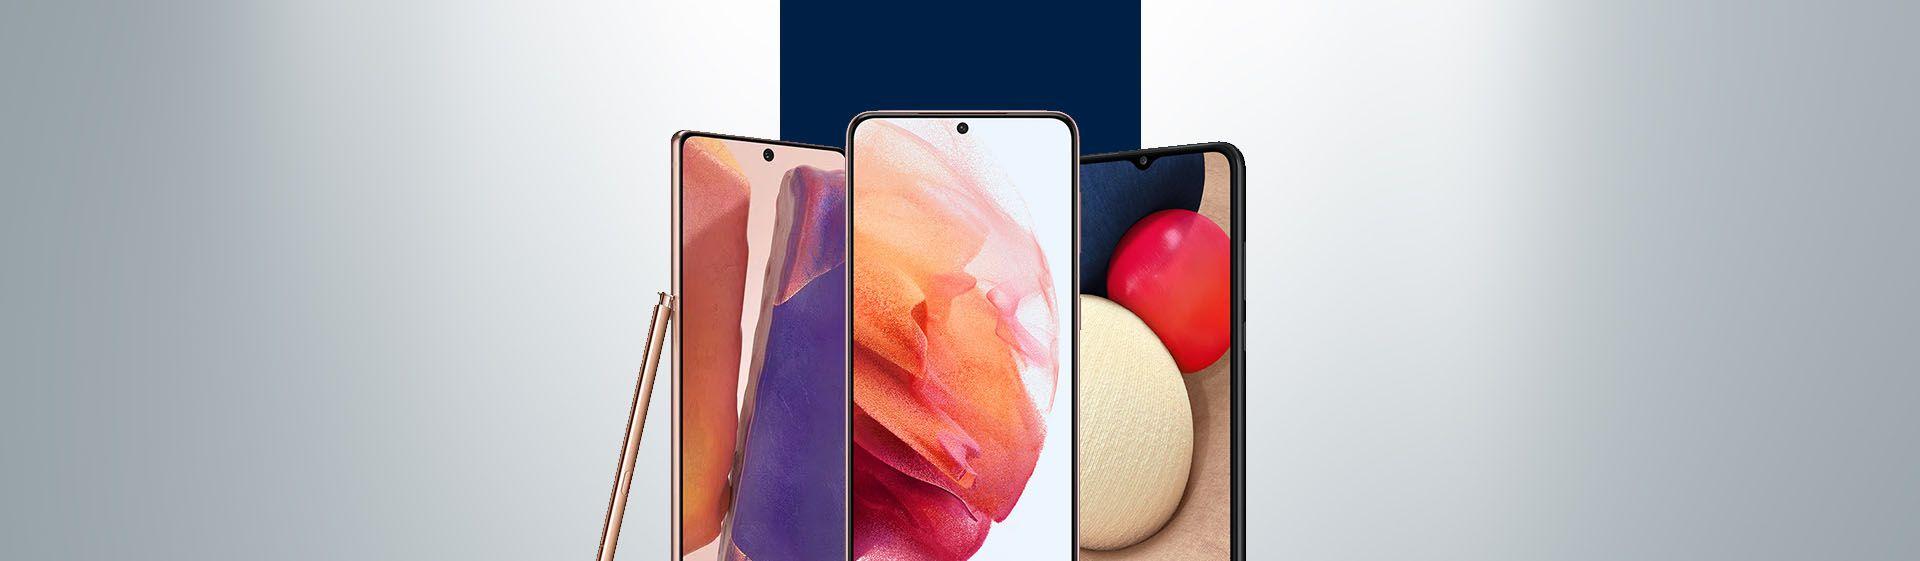 Melhor celular Samsung em 2021: veja modelos para comprar no Brasil